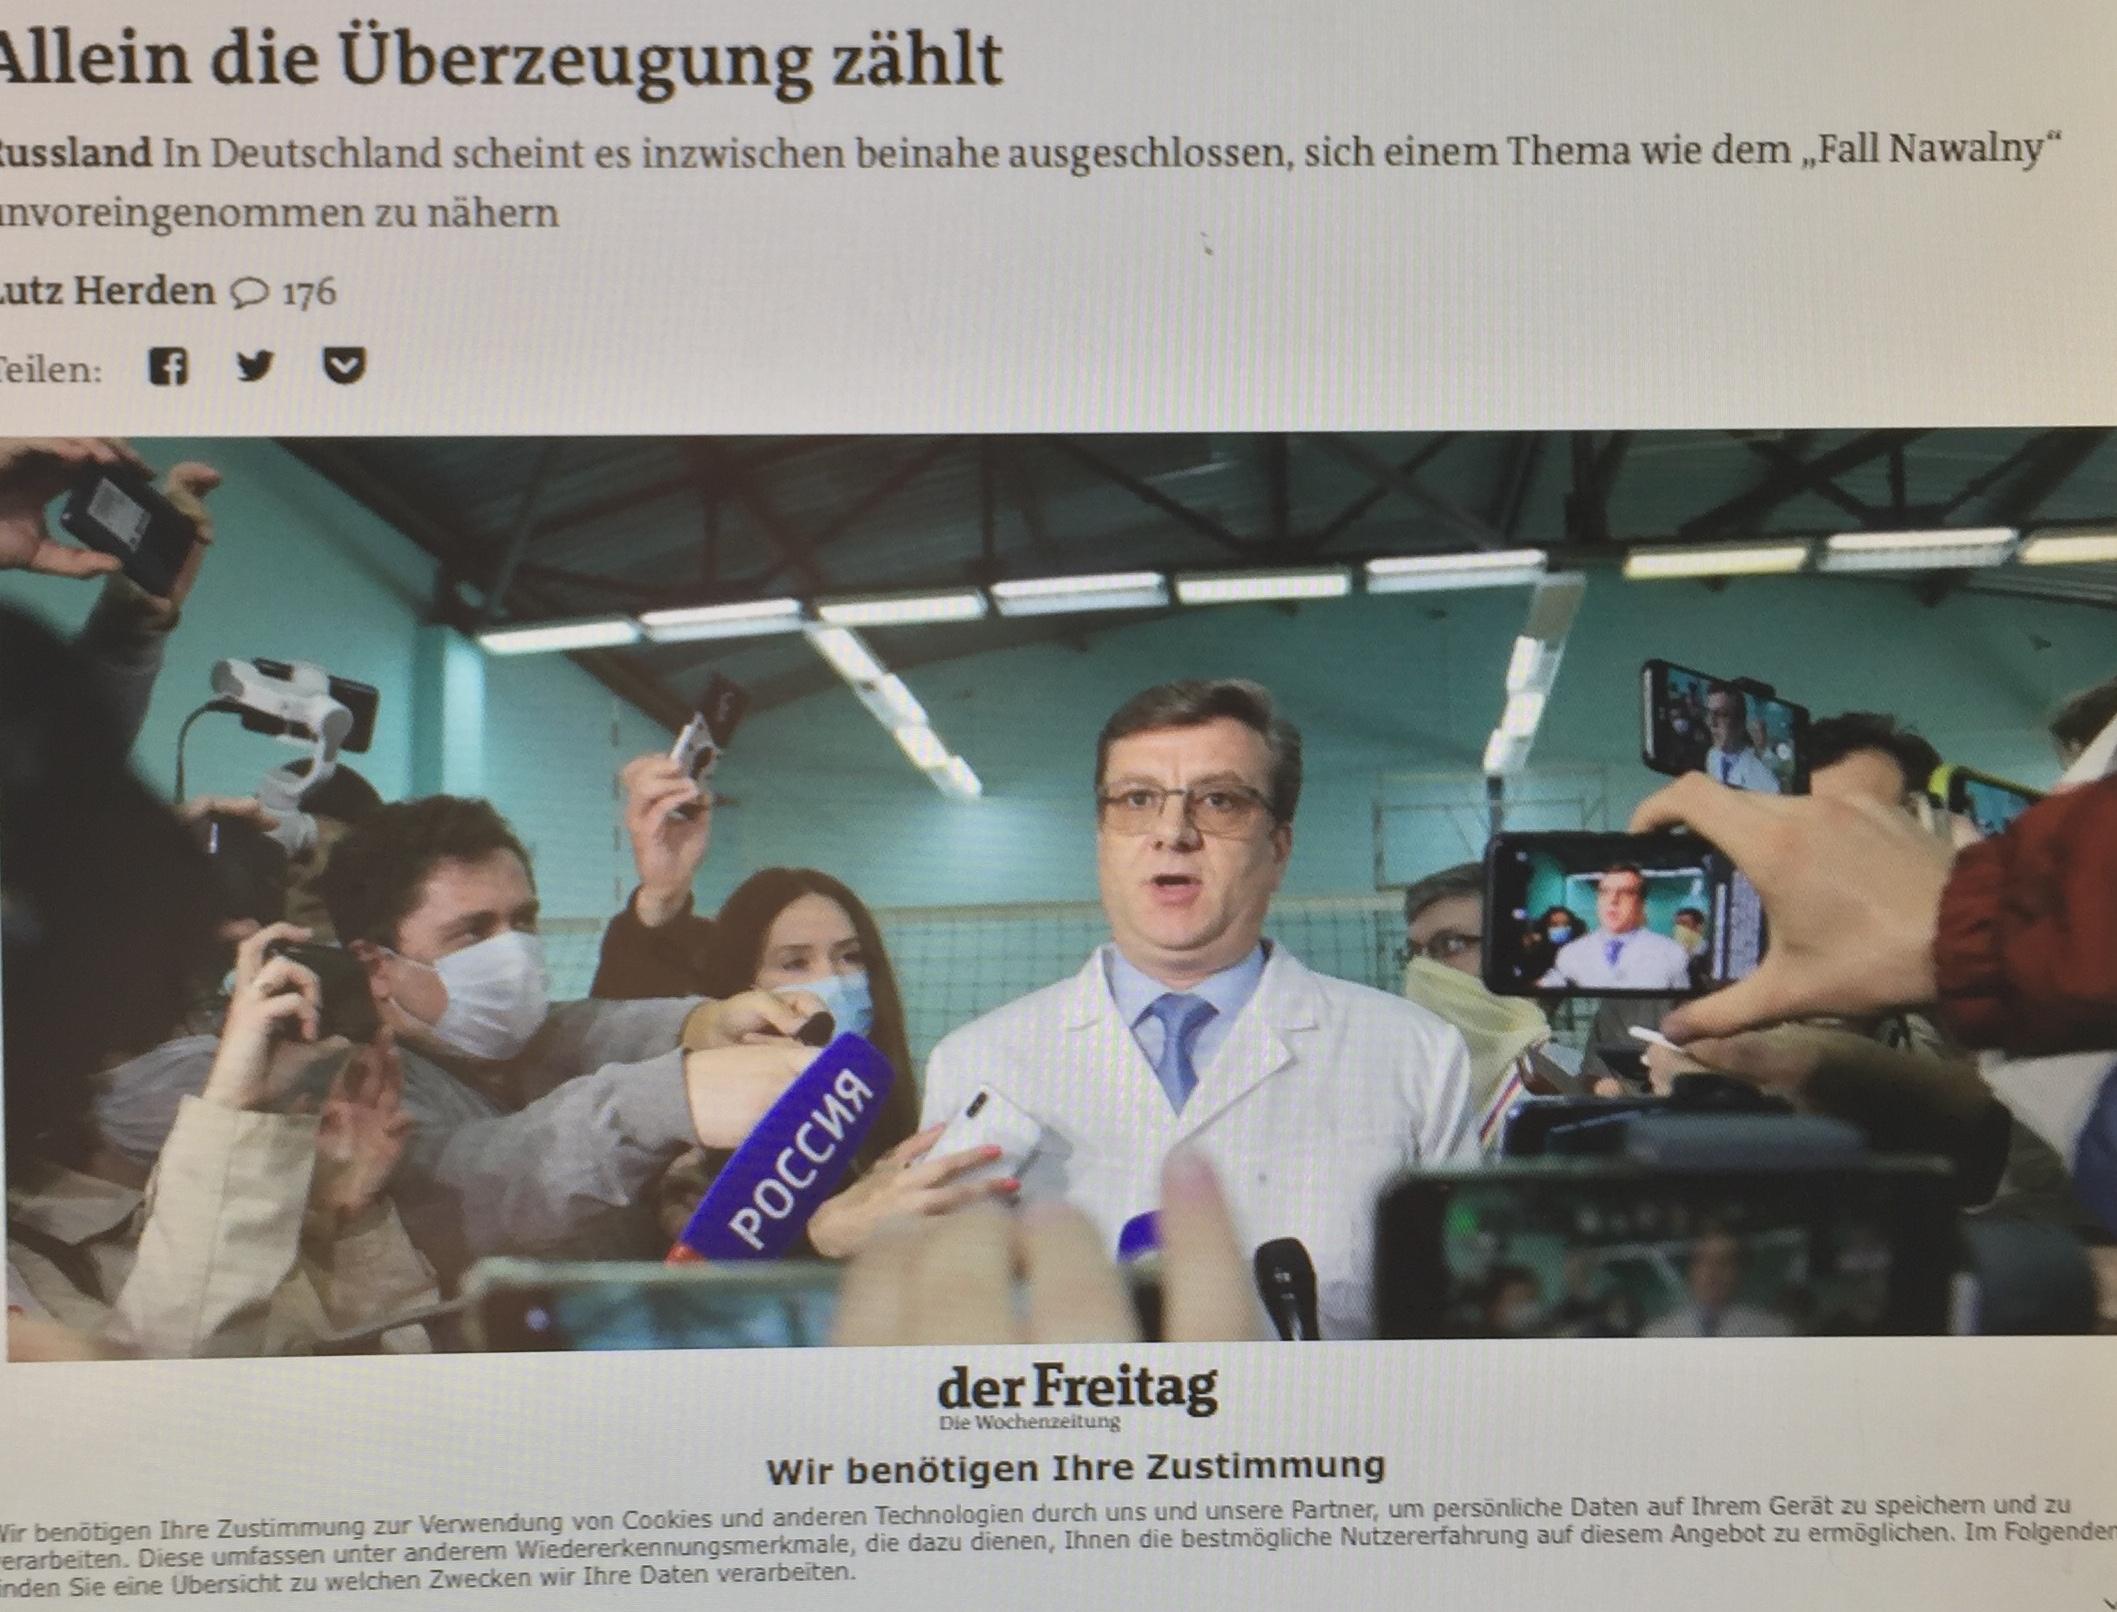 """""""Als im Sommer 2013 nach einem sicheren Ort für den amerikanischen Whistleblower Edward Snowden gesucht wurde, war man in Deutschland weit weniger eifrig"""" als bei dem bekanntlich faschistisch-rassistischen """"Oppositionellen"""" (ohne Programm) Alexej Nawalny, der gegen den von 80 % der russischen Bevölkerung gewählten Präsidenten Wladimir Putin ganz offensichtlich von transatlantischen Interessen in Stellung gebracht wird. Dies stellte Politik-Redakteur Lutz Herden auf Freitag.de bereits im August 2020 fest mit seiner schlüssigen Analyse """"Allein die Überzeugung zählt - In Deutschland scheint es inzwischen beinahe ausgeschlossen, sich einem Thema wie dem ,Fall Nawalny' unvoreingenommen zu nähern"""". (www.progression.at)"""